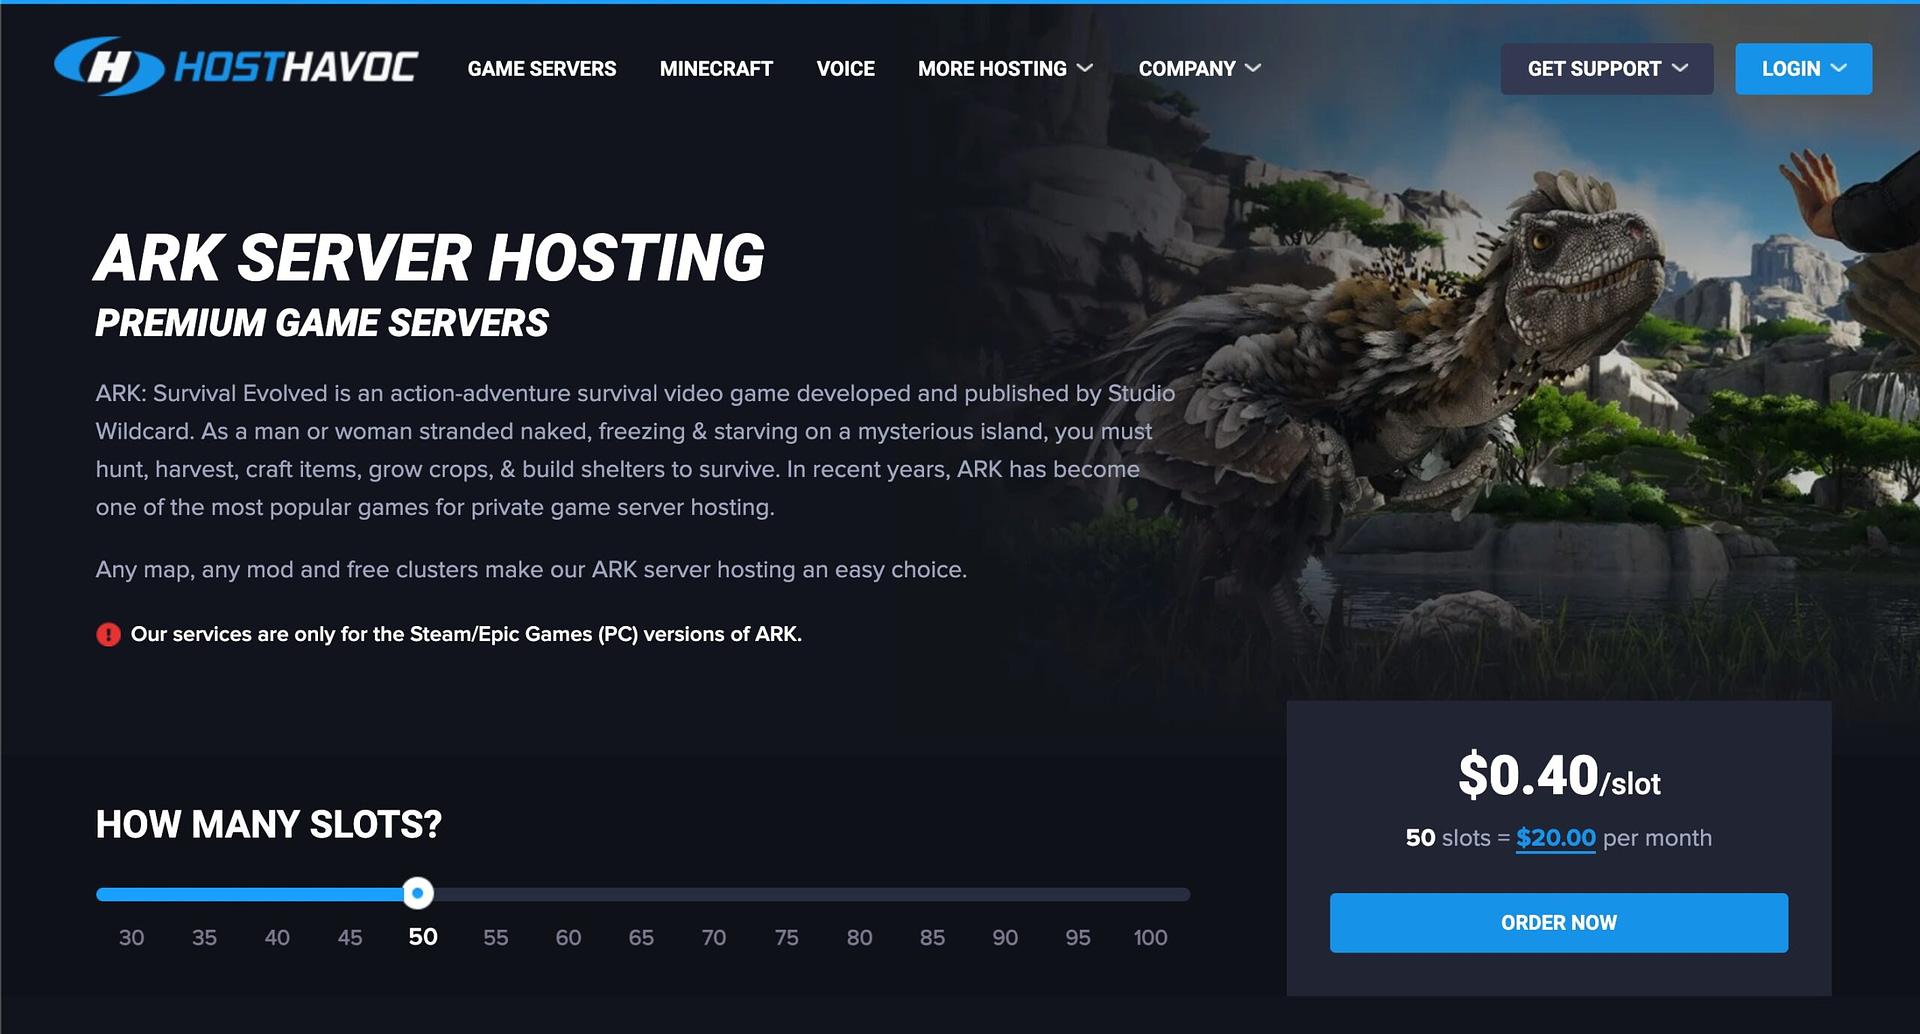 HostHavoc - best ARK server hosting